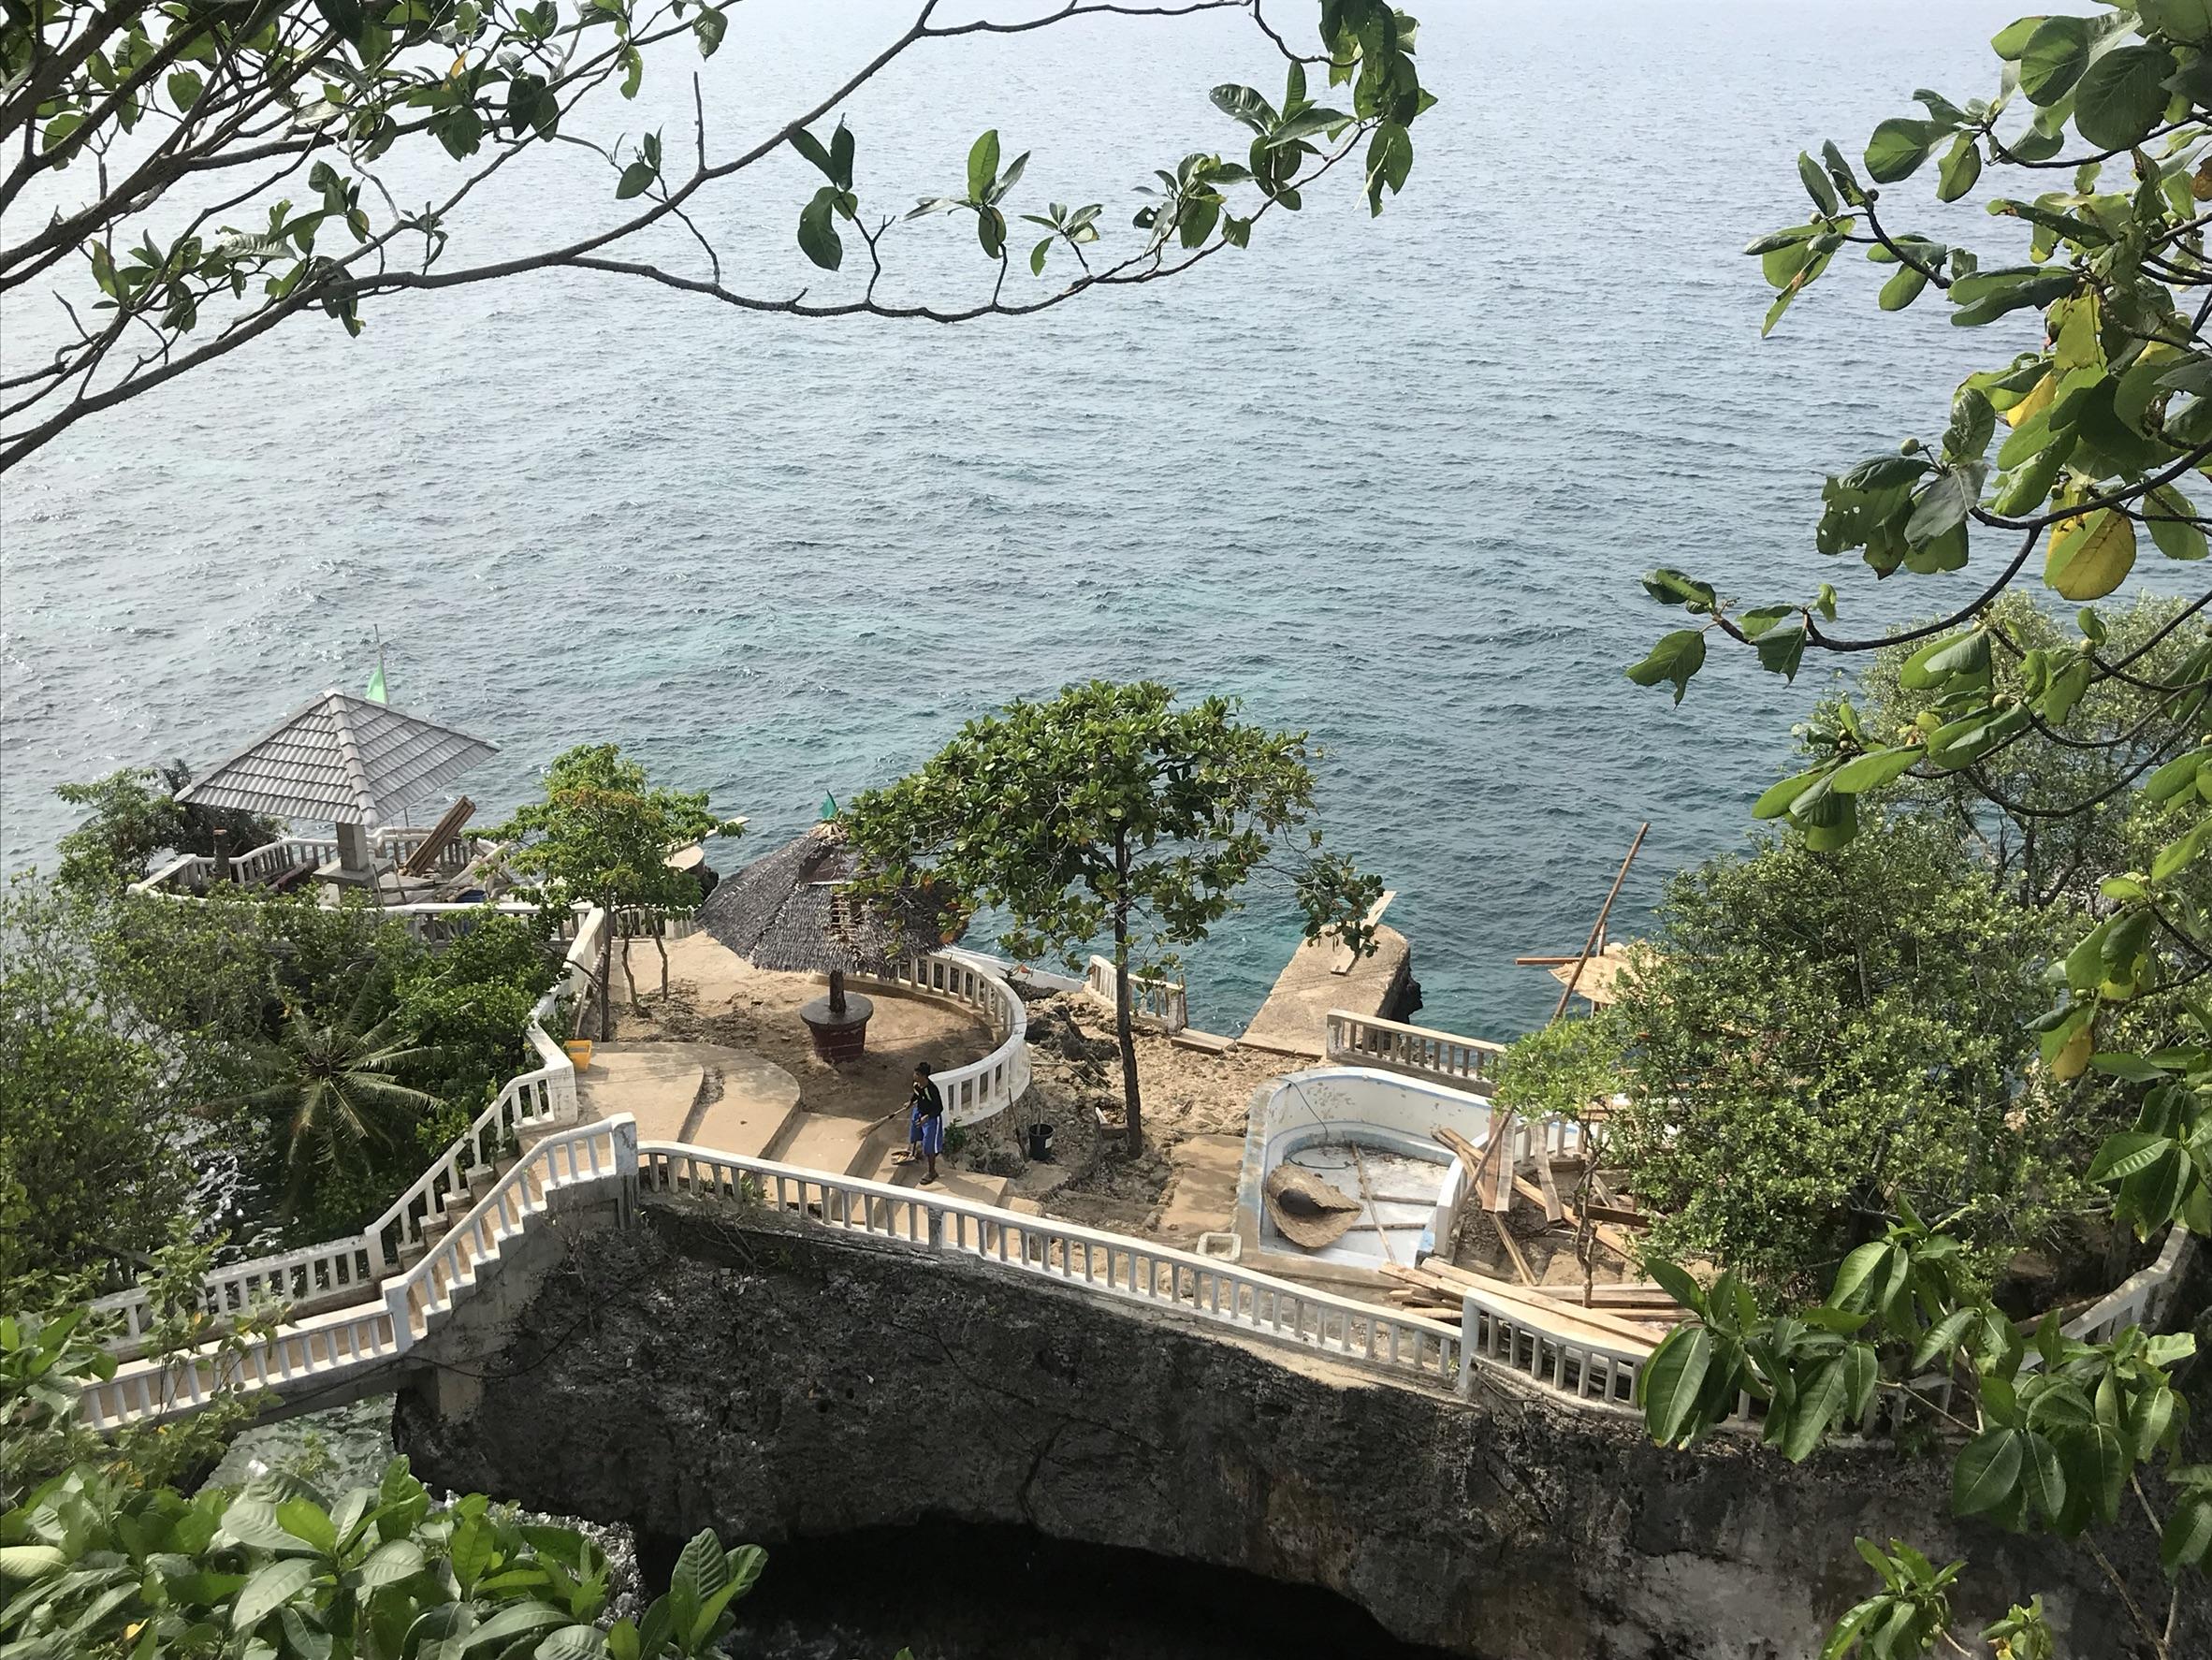 留学中の週末旅行におすすめ!魅惑の島「カモテス島」